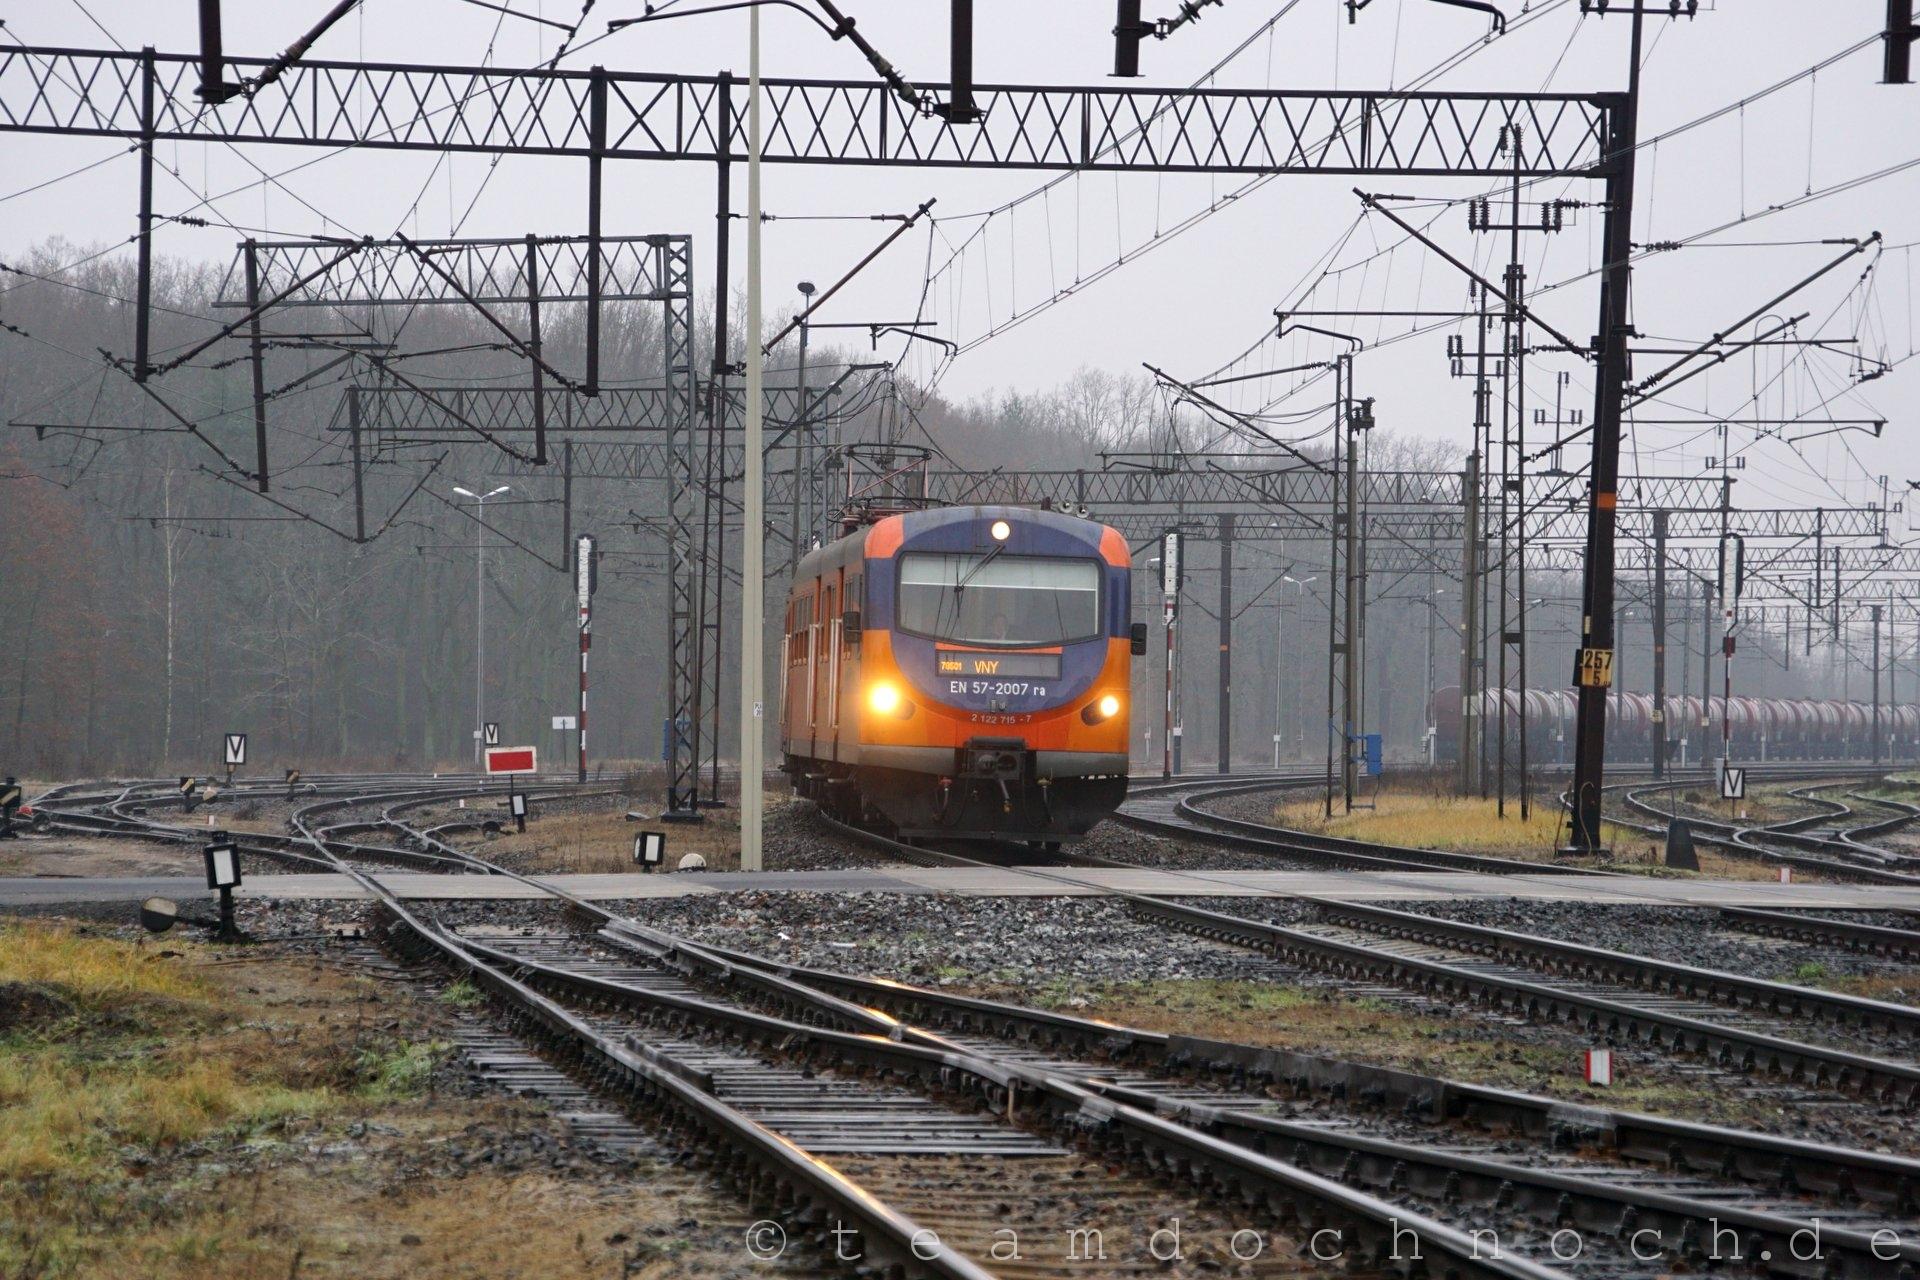 EN57-2007ra bei Ausfahrt aus dem Bahnhof Kostrzyn